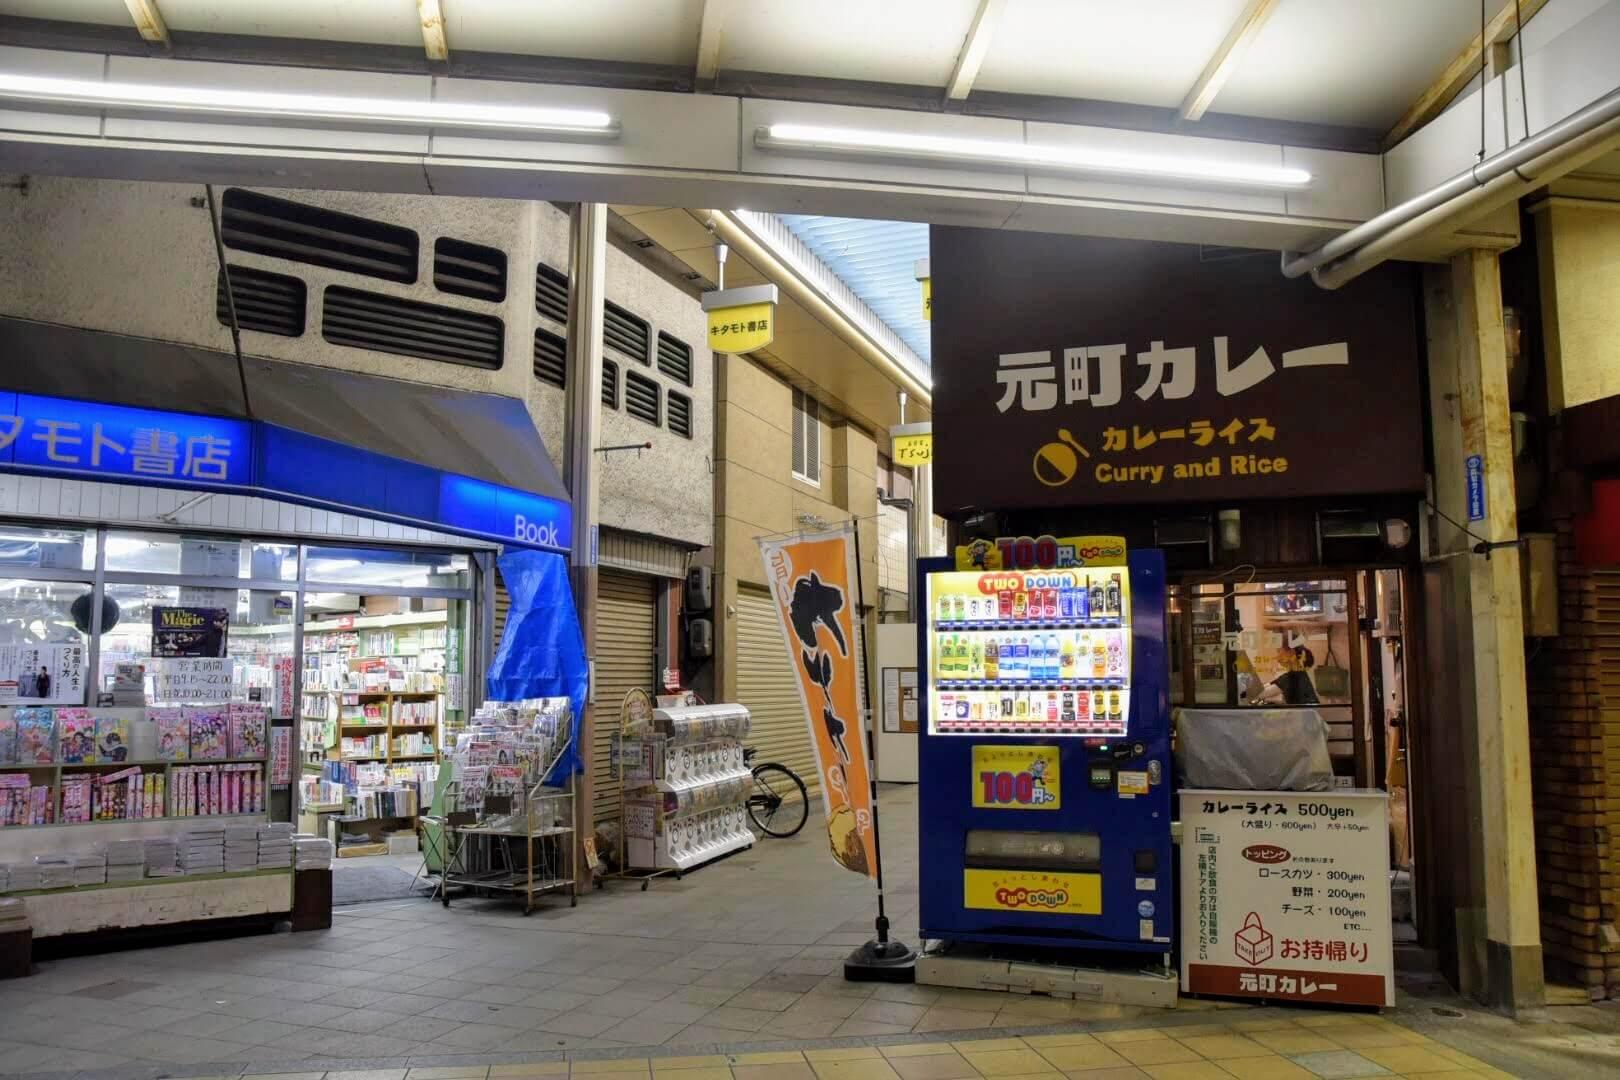 吹田の新旭町通商店街にある『元町カレー』